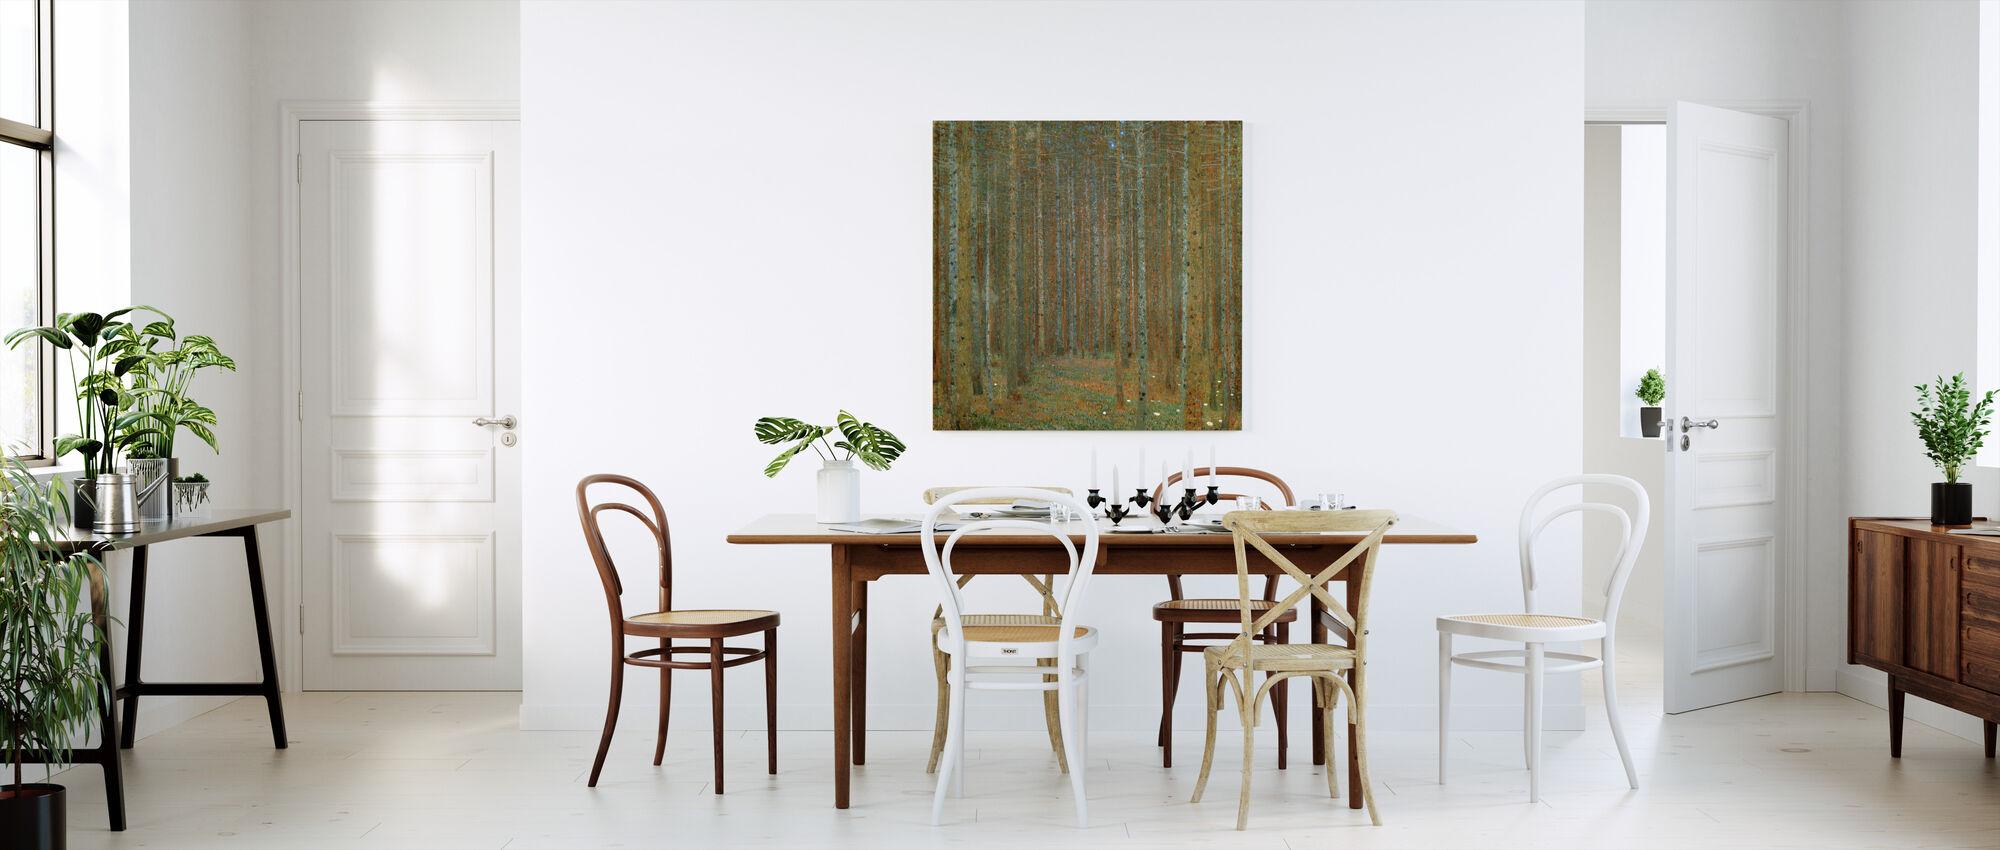 Klimt, Gustav - Fir Forest I - Canvas print - Kitchen